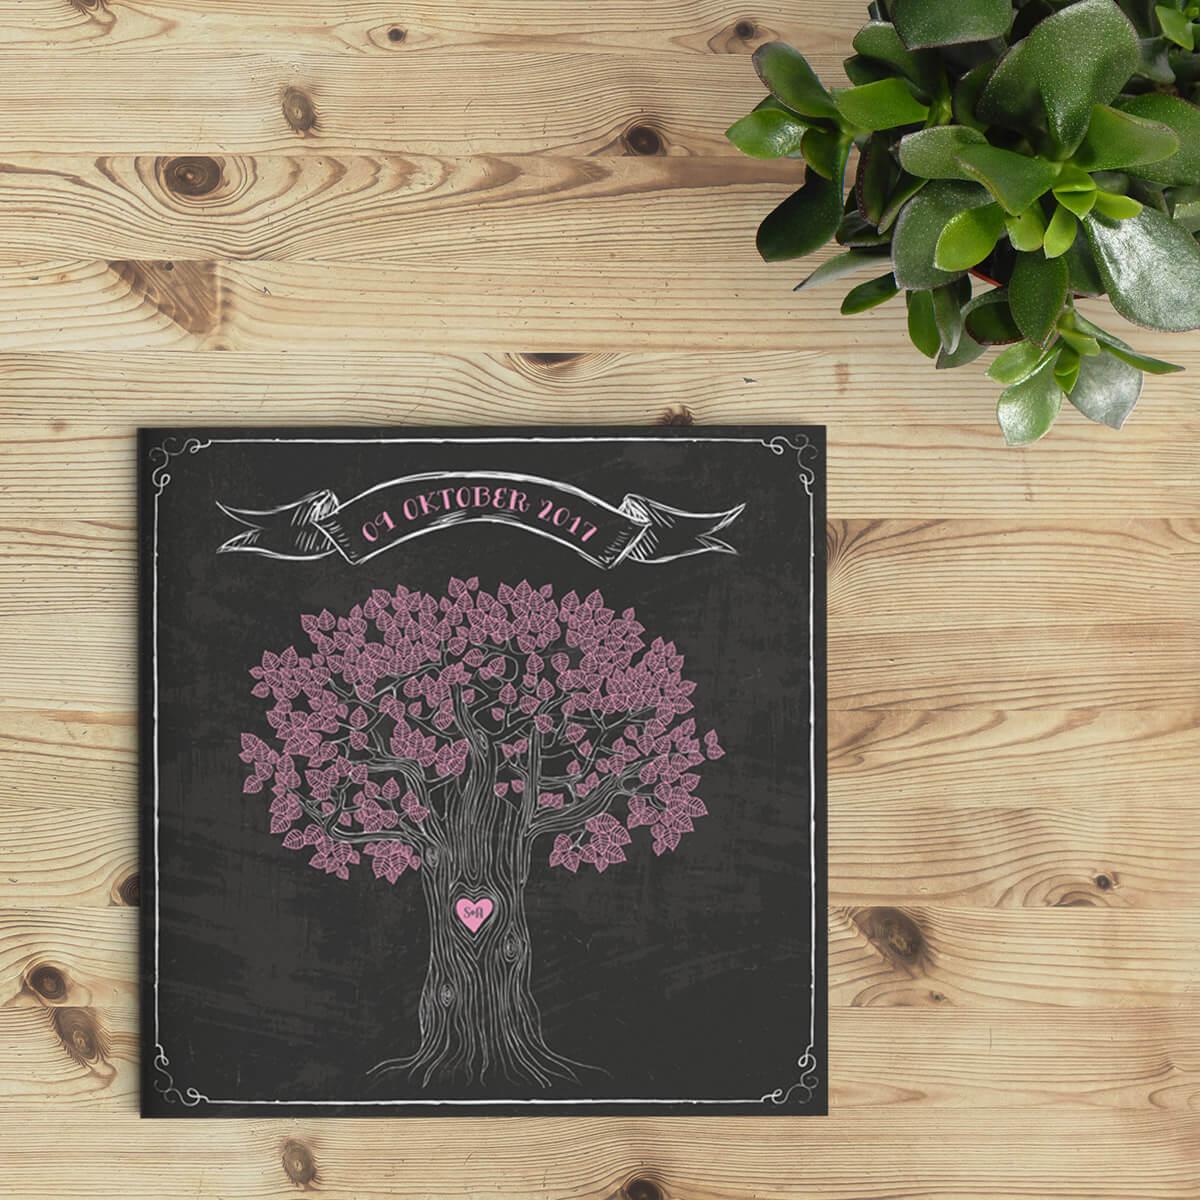 Trouwkaart Retro Boom op Krijtbord presenteert een verrassende boom-illustratie met lieve roze blaadjes die mooi afsteken op de zwarte krijt-achtergrond. Afbeelding toont voorkant van de trouwkaarten.